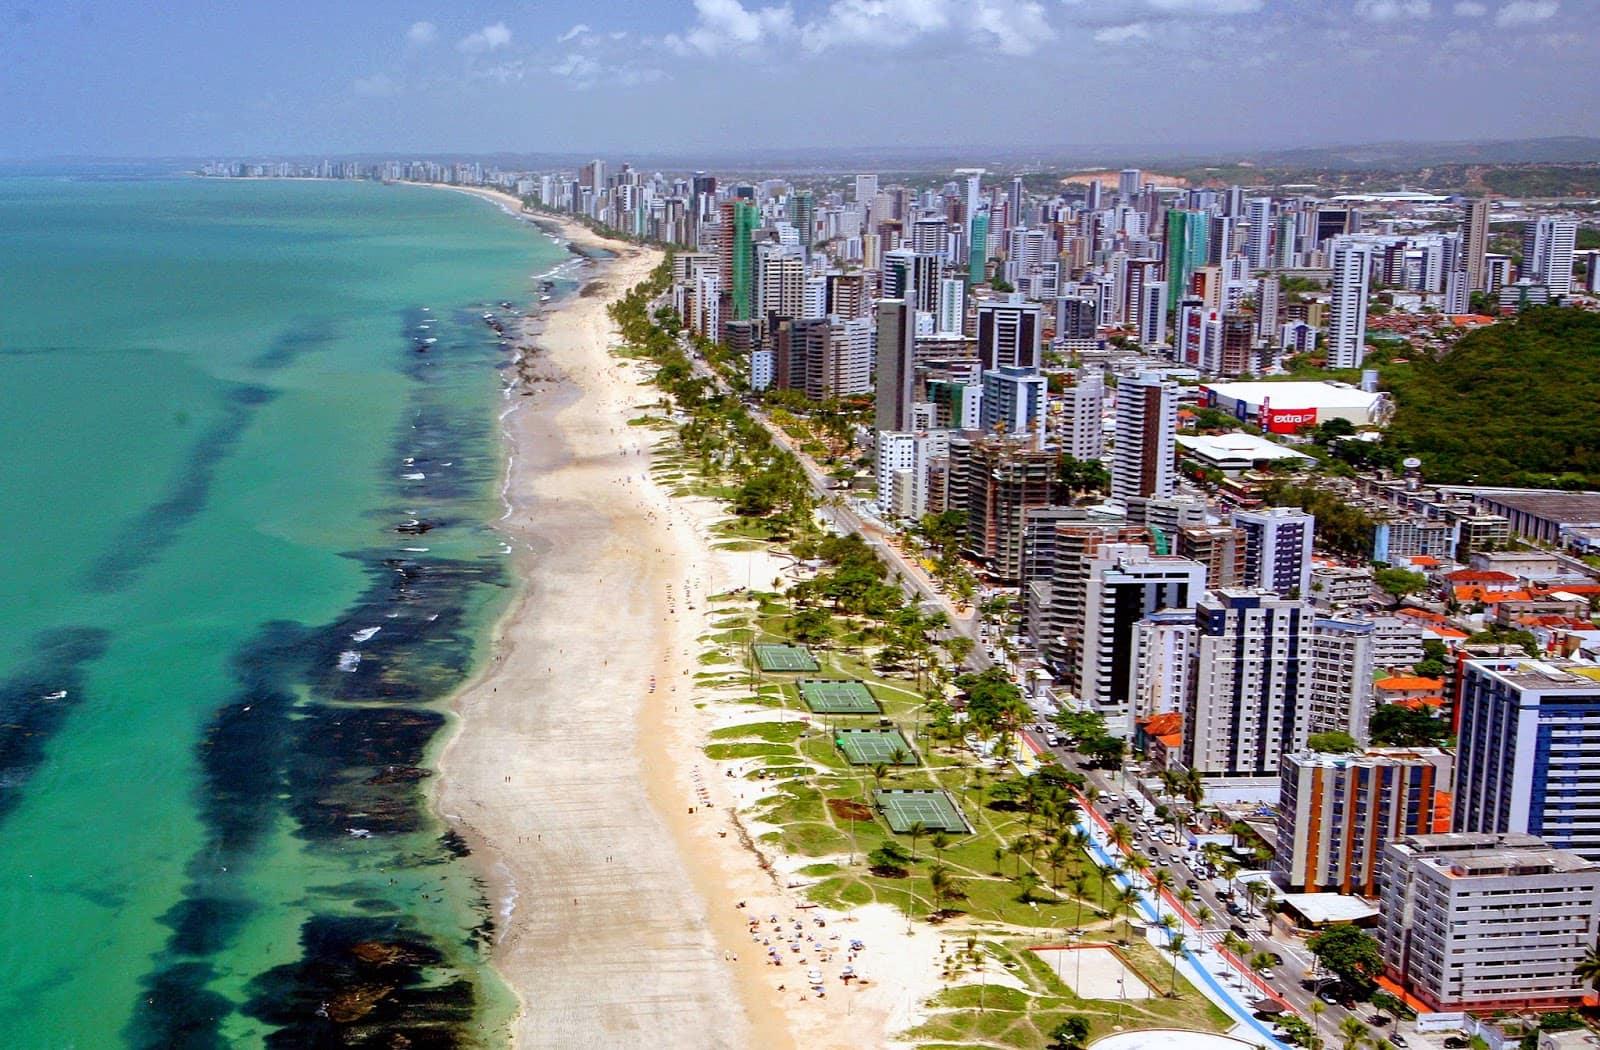 O que fazer em Recife: Ir para o bairro de Boa Viagem